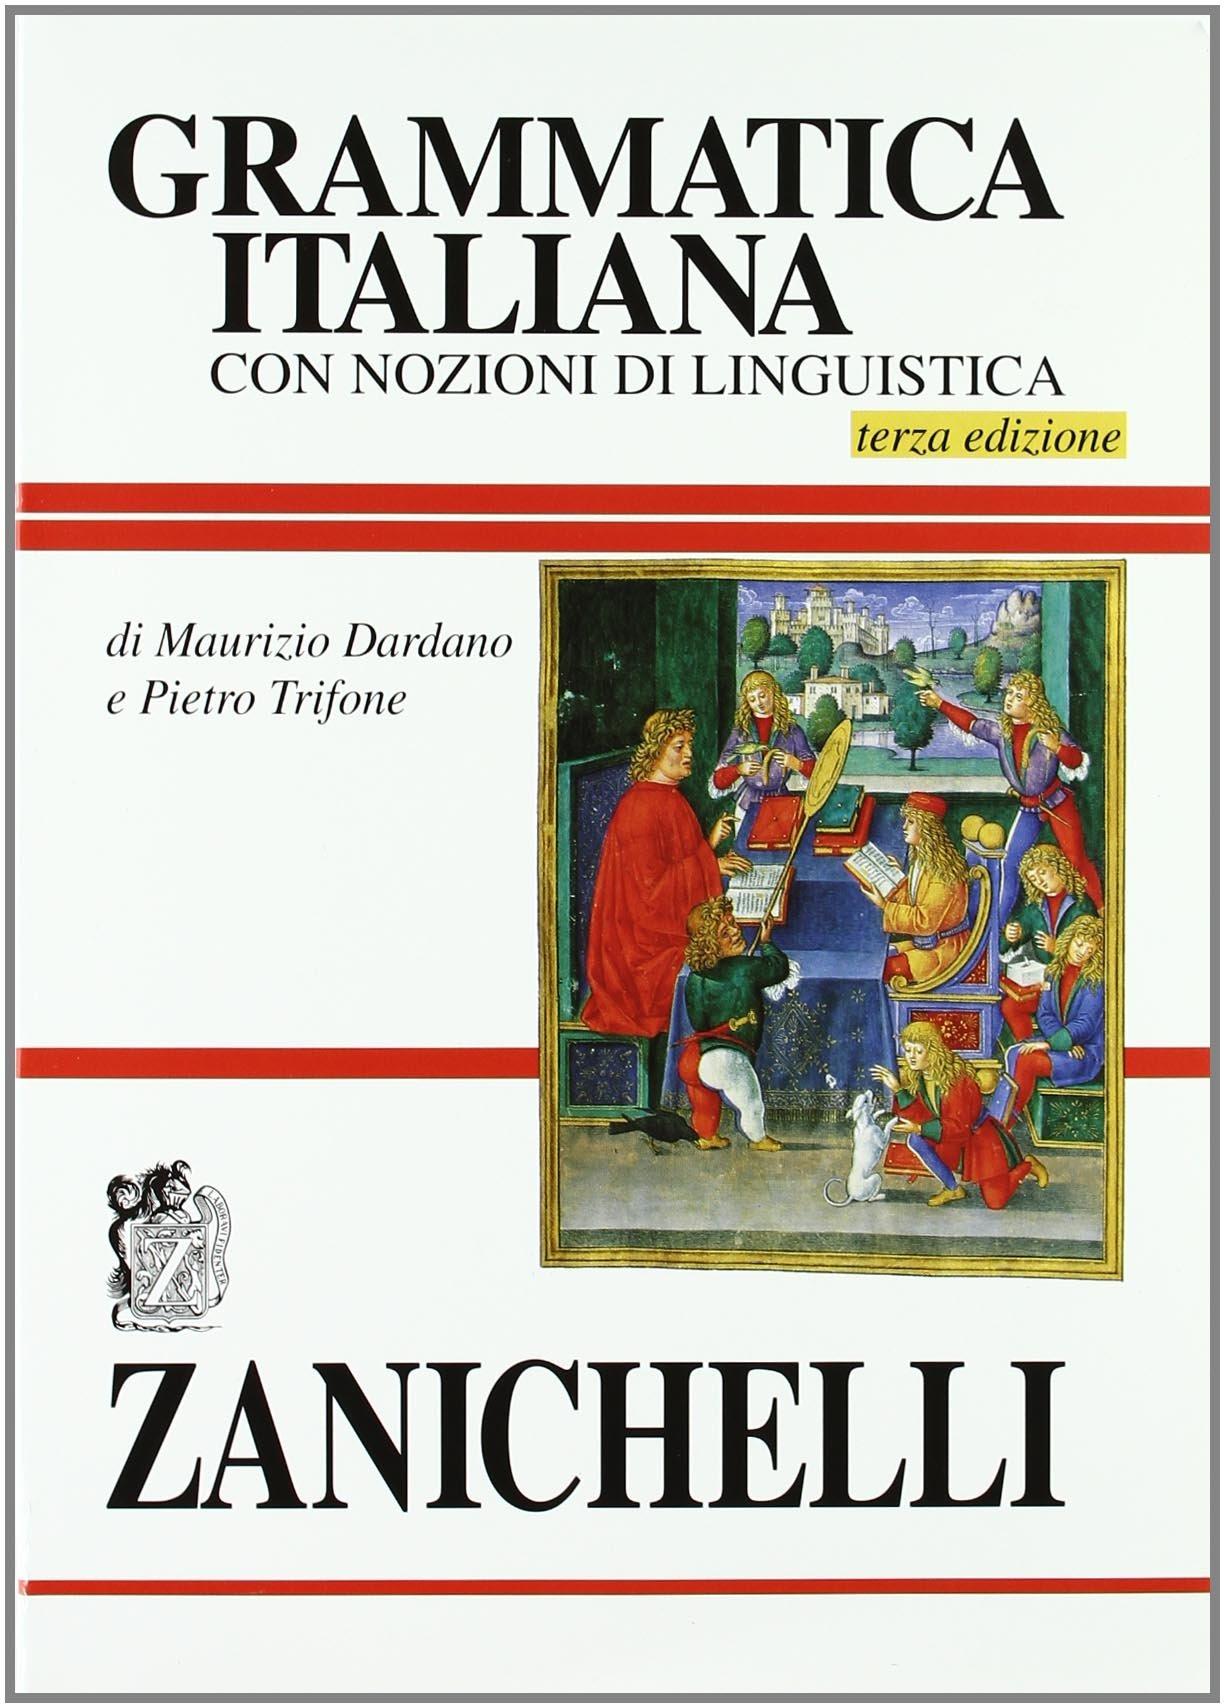 Grammatica italiana. Con nozioni di linguistica: Amazon.it: Maurizio  Dardano, Pietro Trifone: Libri